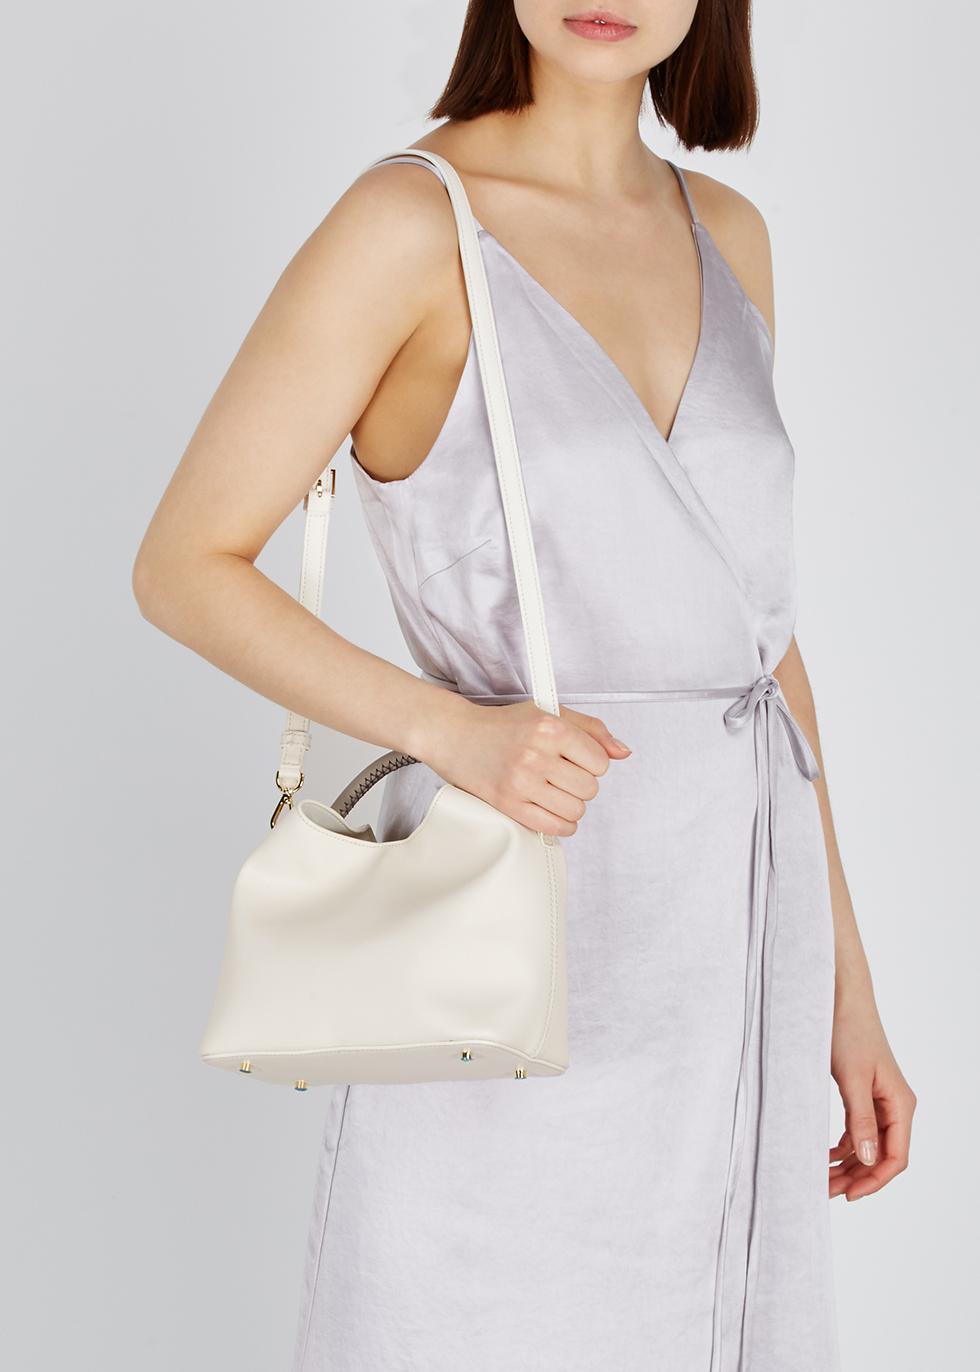 dfe794da449a Women s Designer Bags